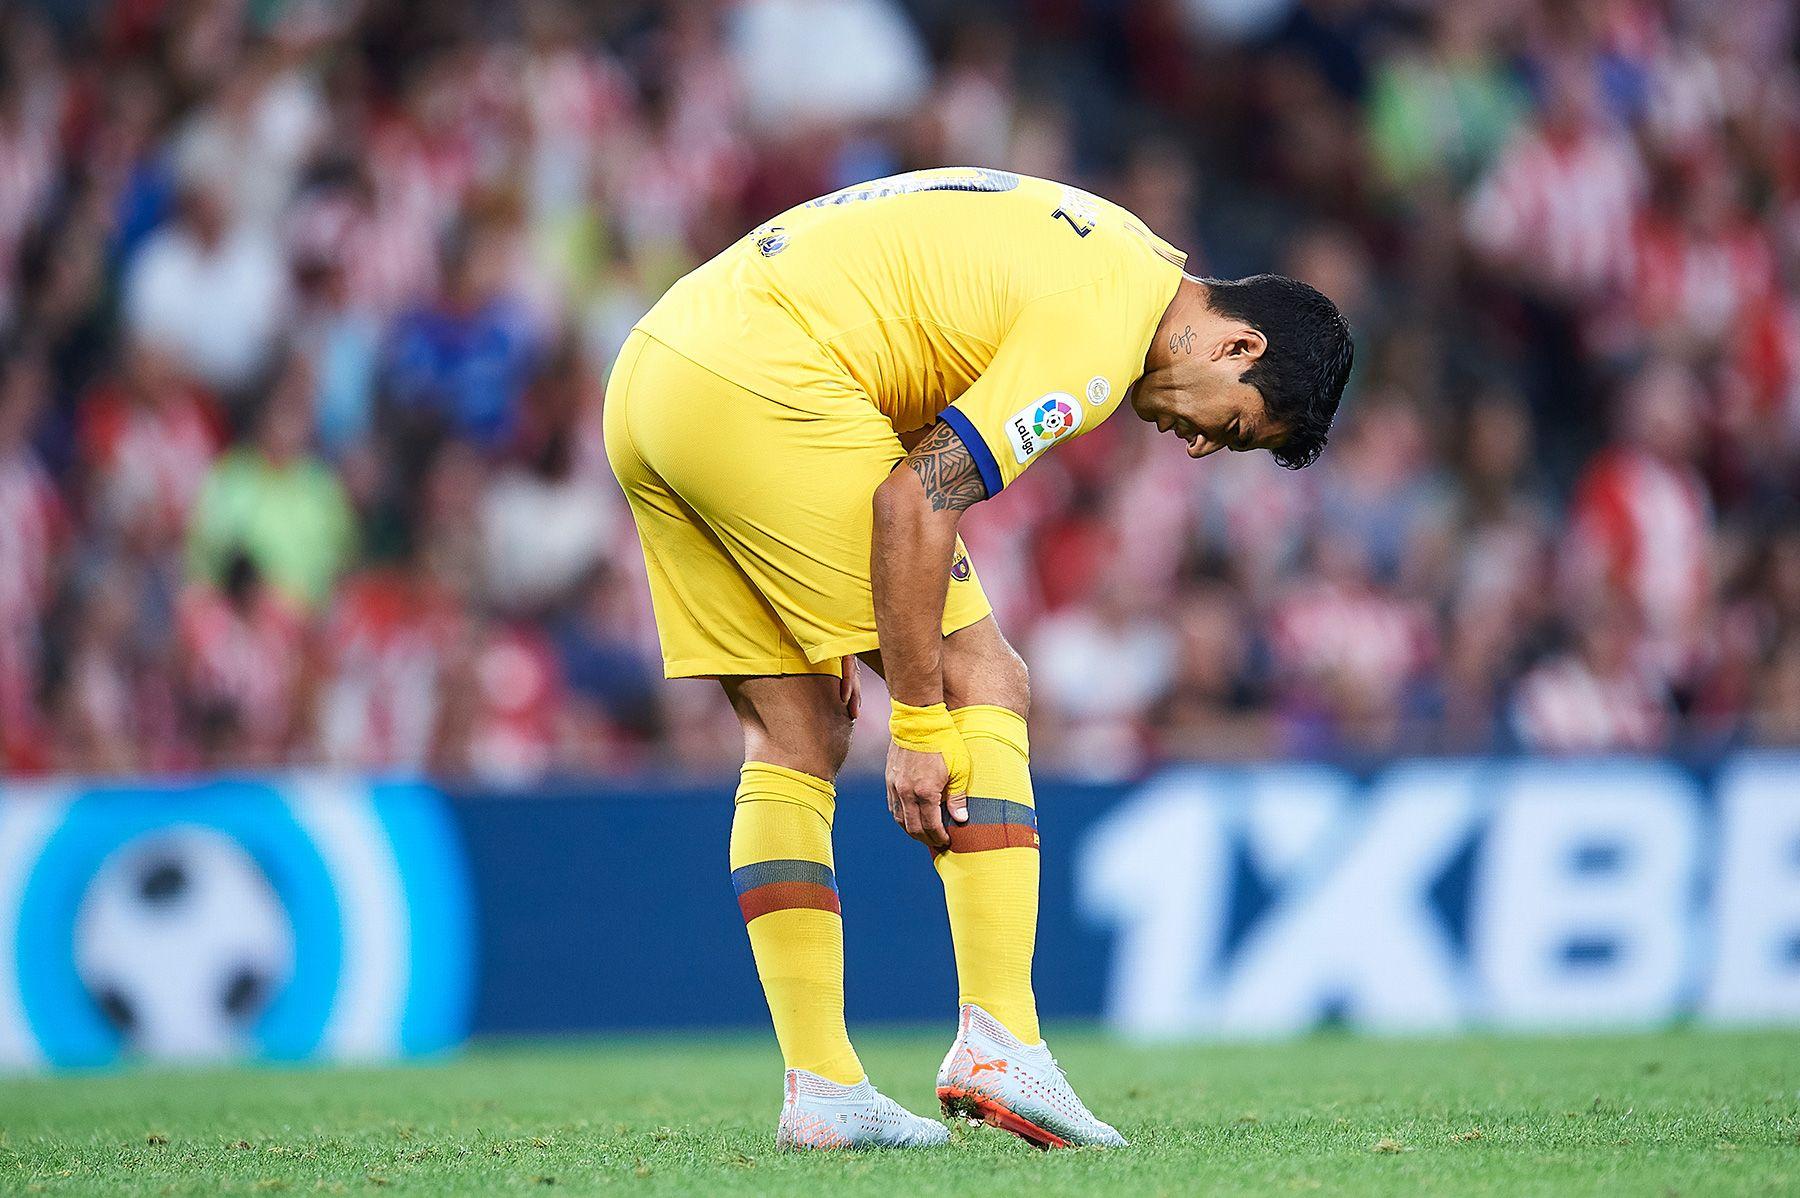 Photo of OFICIAL: Luis Suárez fue operado y será baja alrededor de cuatro meses